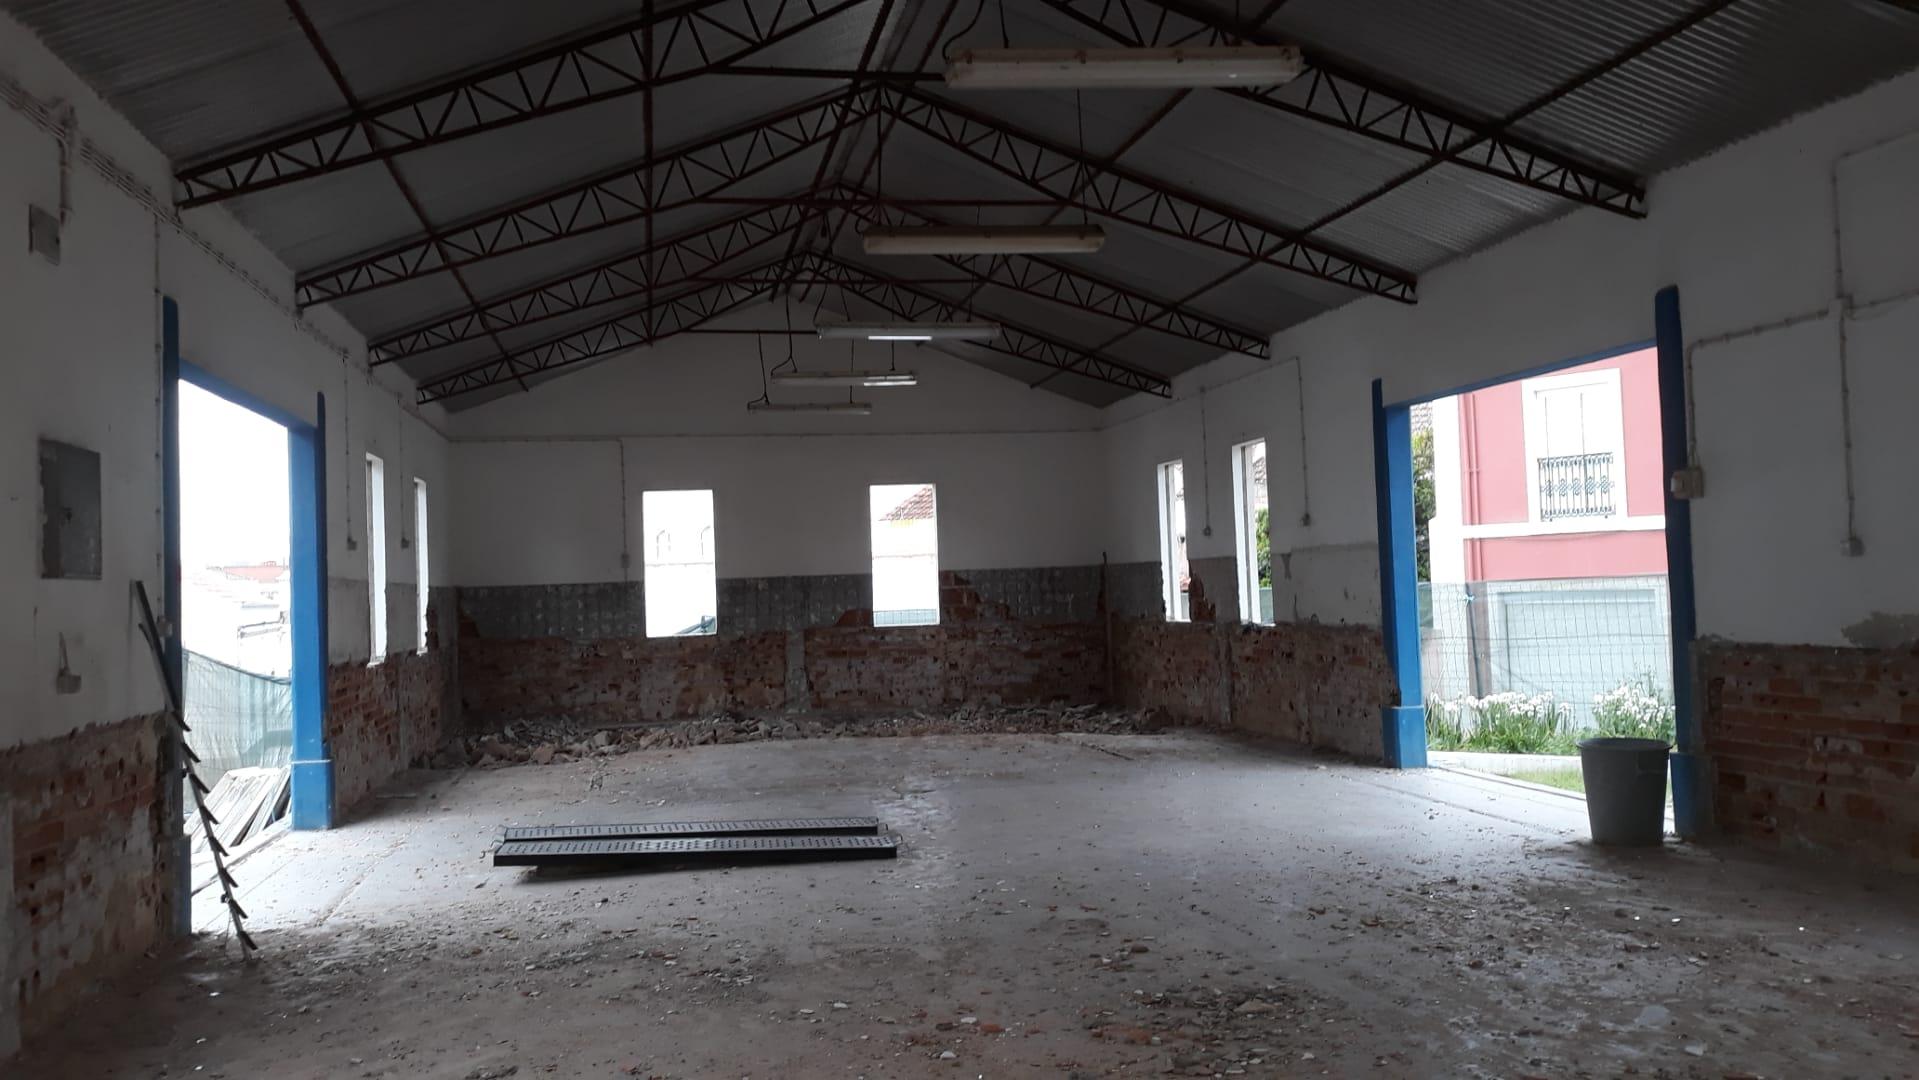 Obras no Mercado Municipal do Cercal do Alentejo